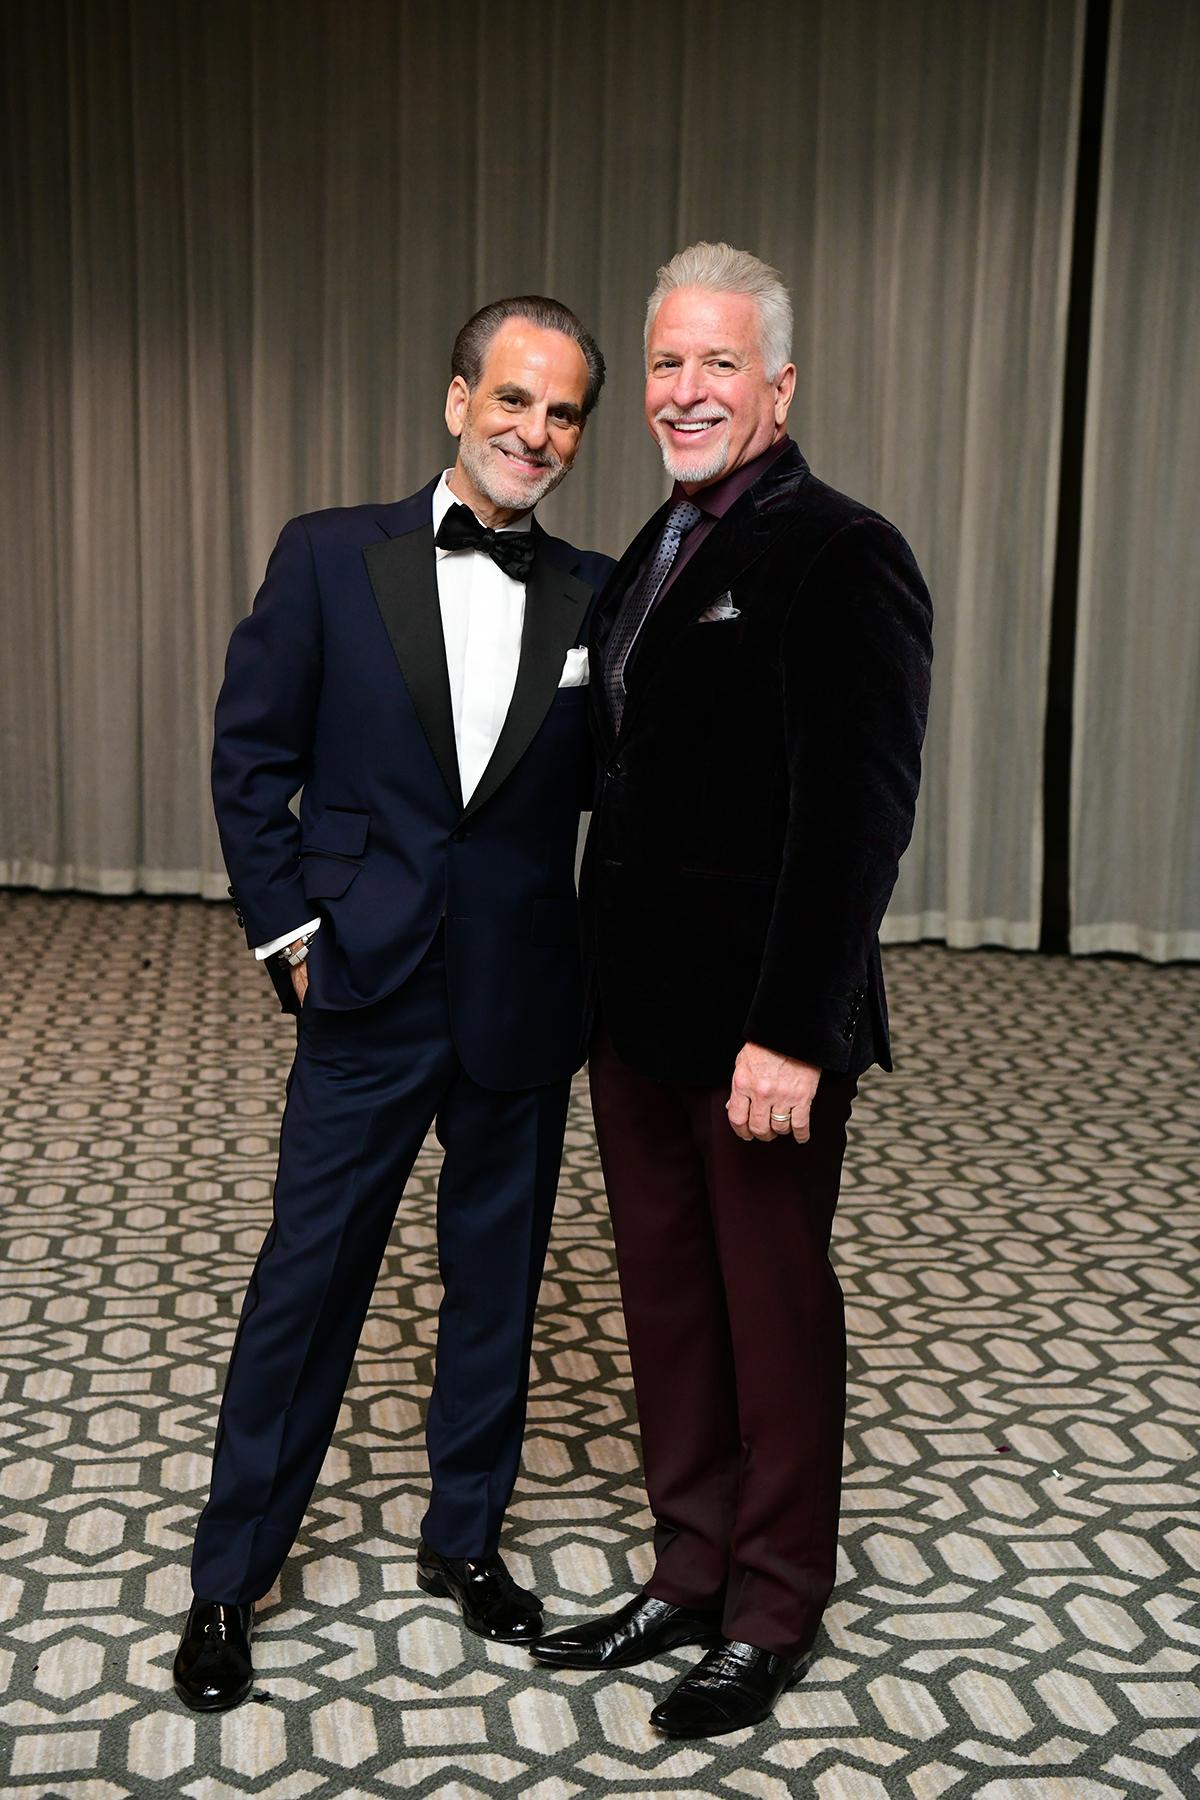 Rudy Festari and Danny Brown